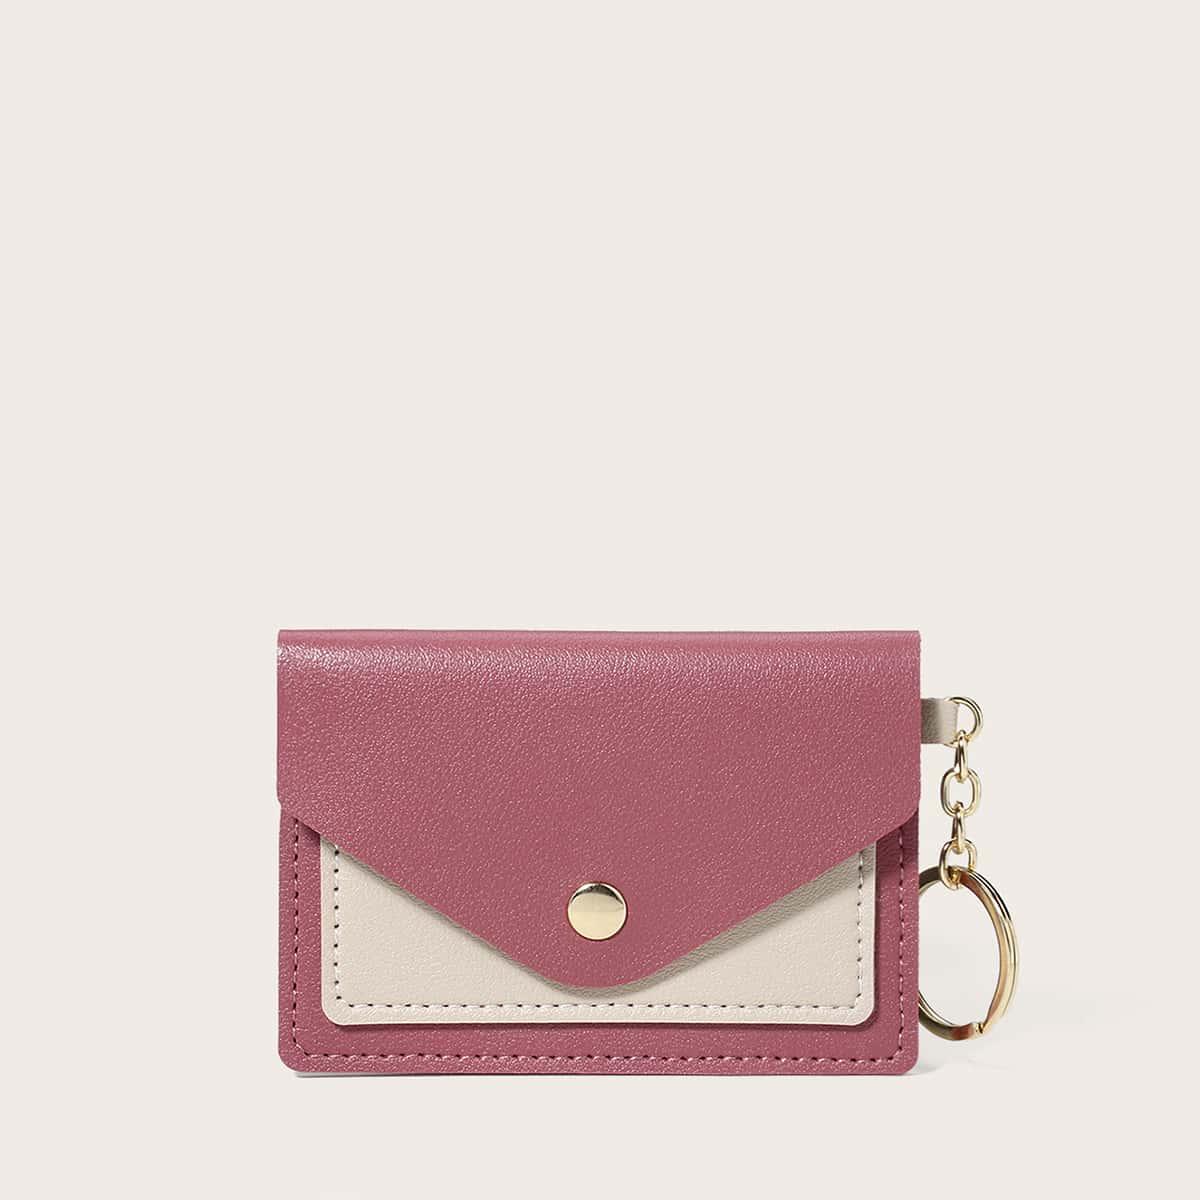 SHEIN Tweekleurige portemonnee met drukknoopsluiting